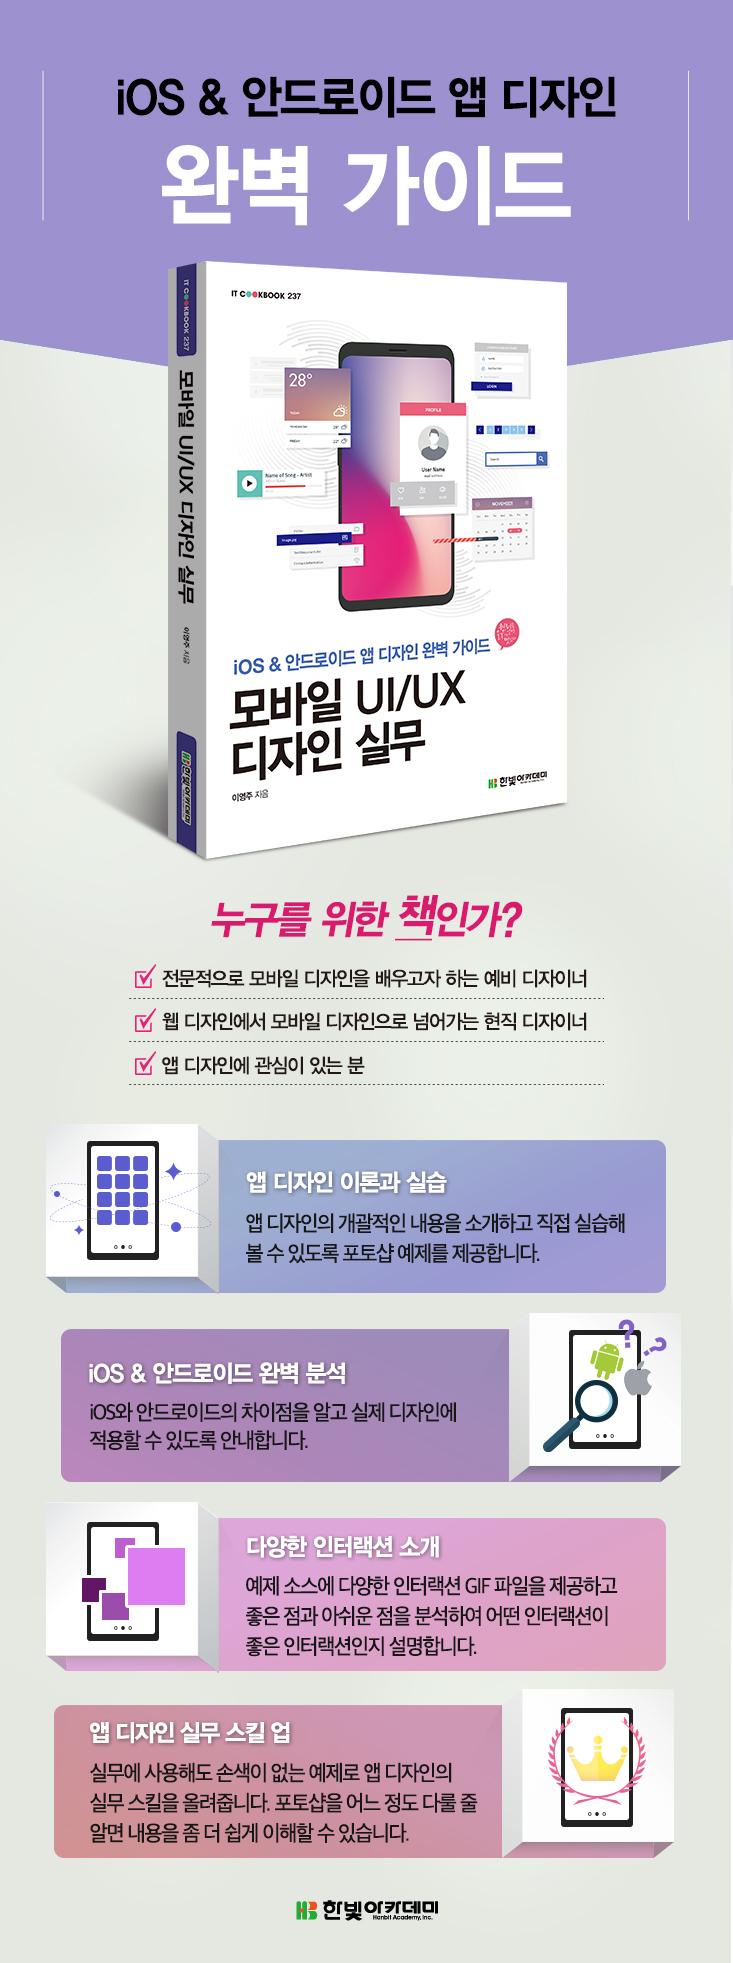 상세이미지_모바일 UI_UX 디자인 실무.jpg